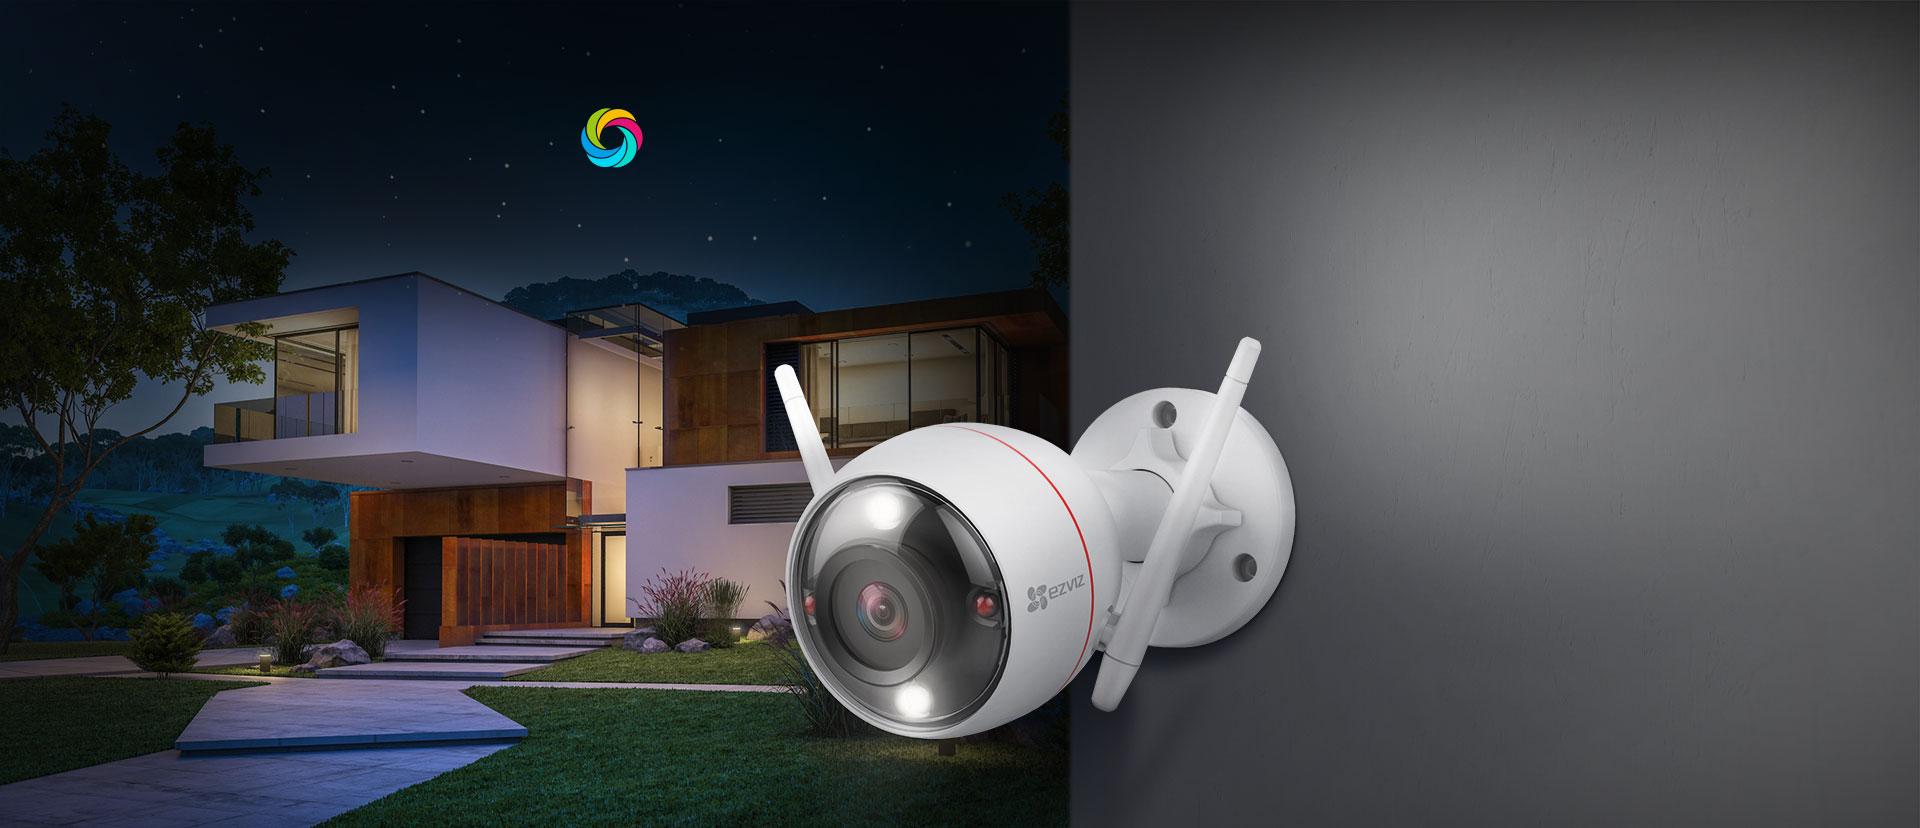 camera ezviz C3W có màu ban đêm